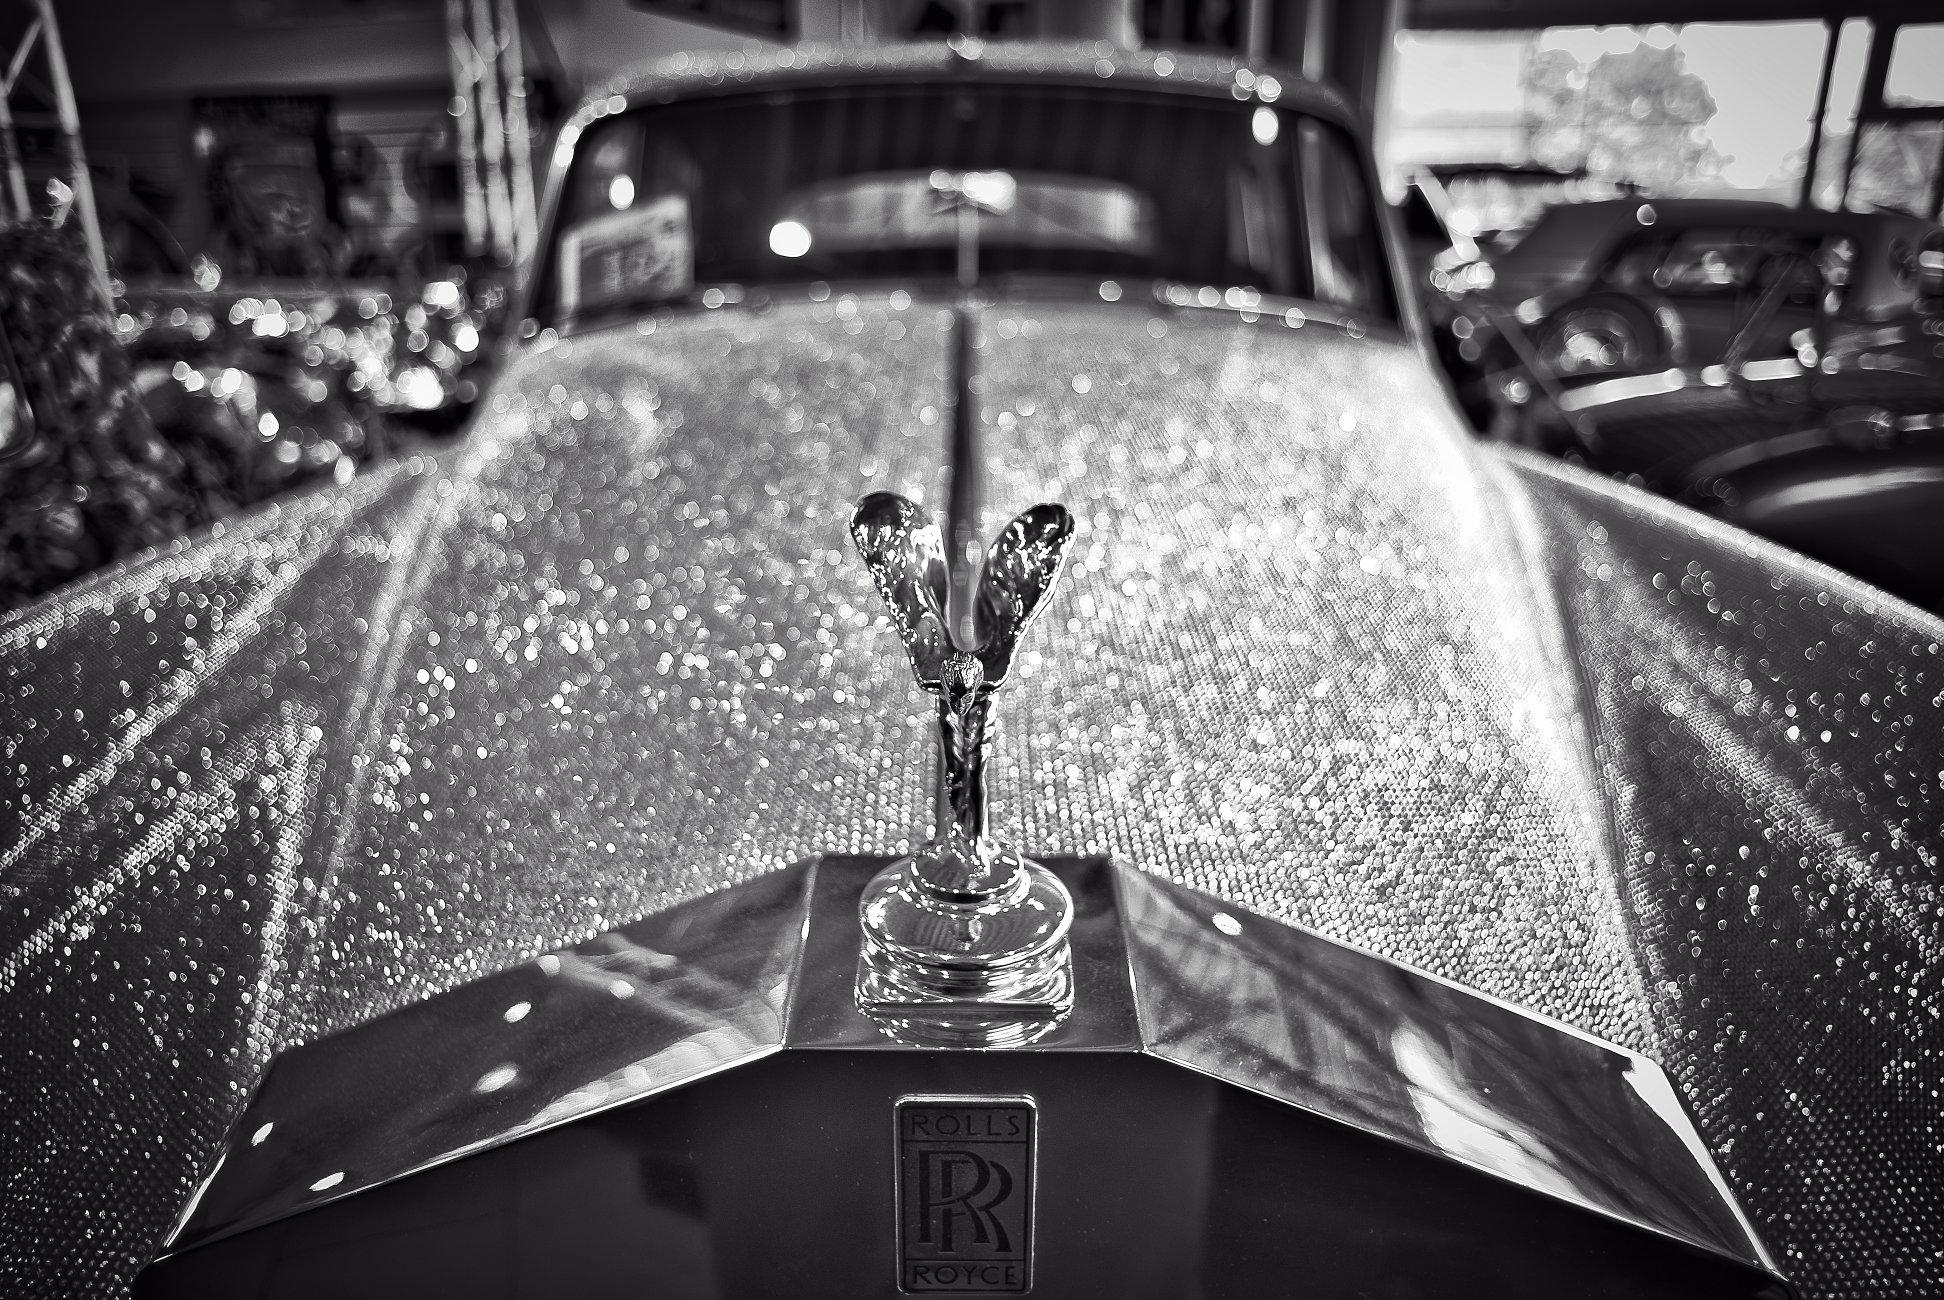 Emily and the Swarowski Rolls Royce